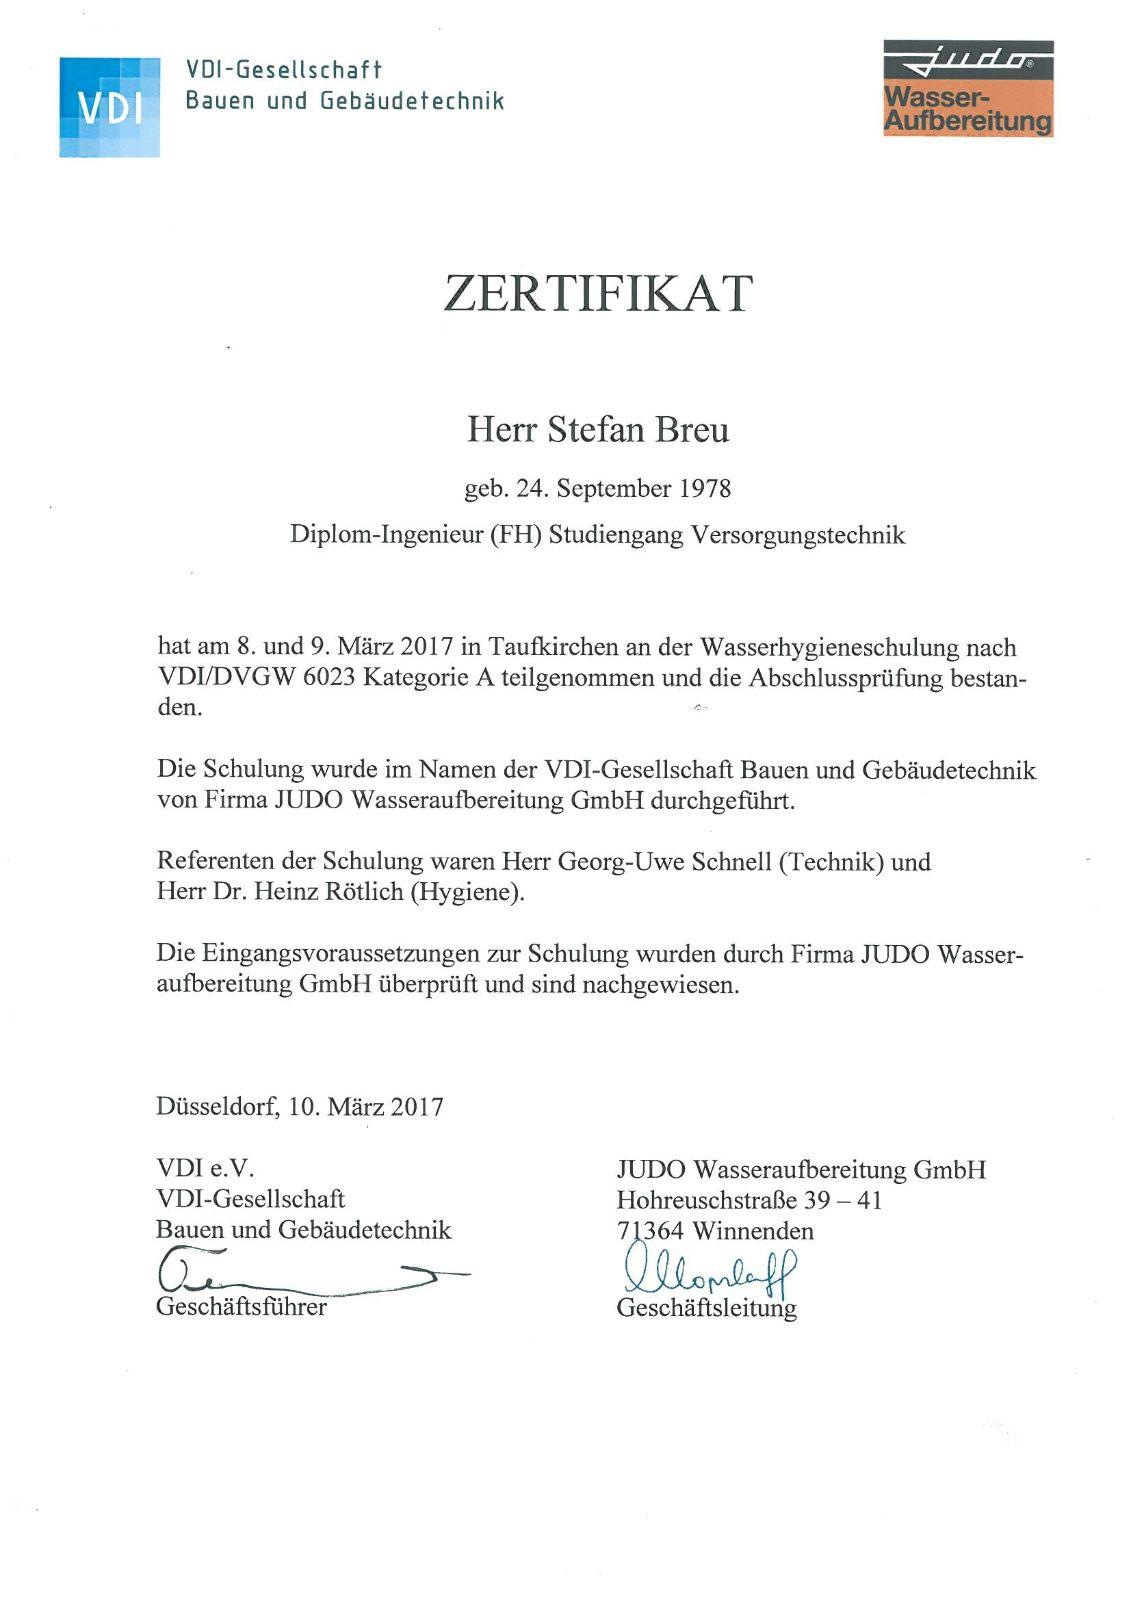 VDI-Zertifikat-Hygieneschulung Trinkwasser-1